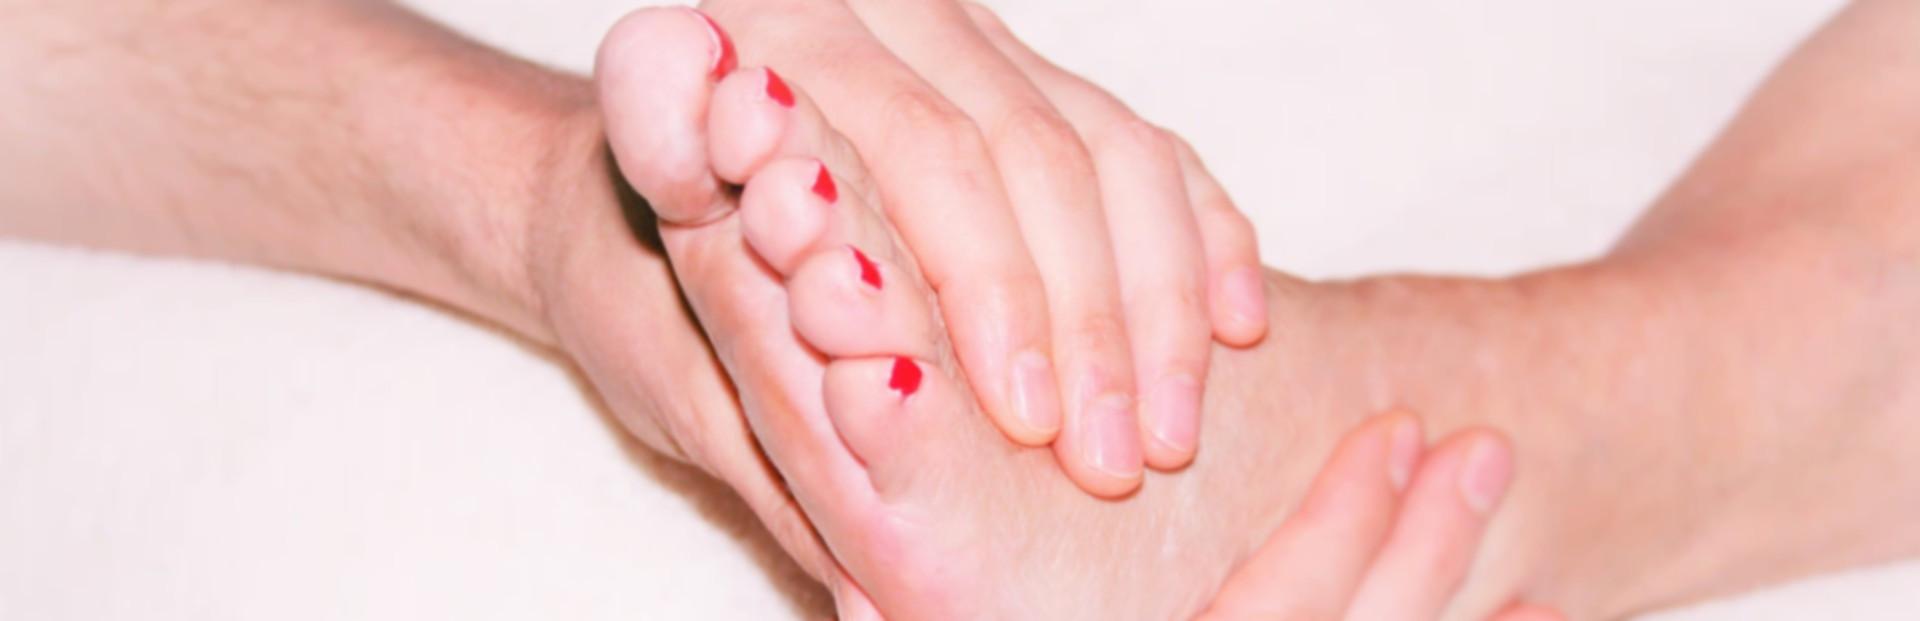 Riflessoterapia al piede